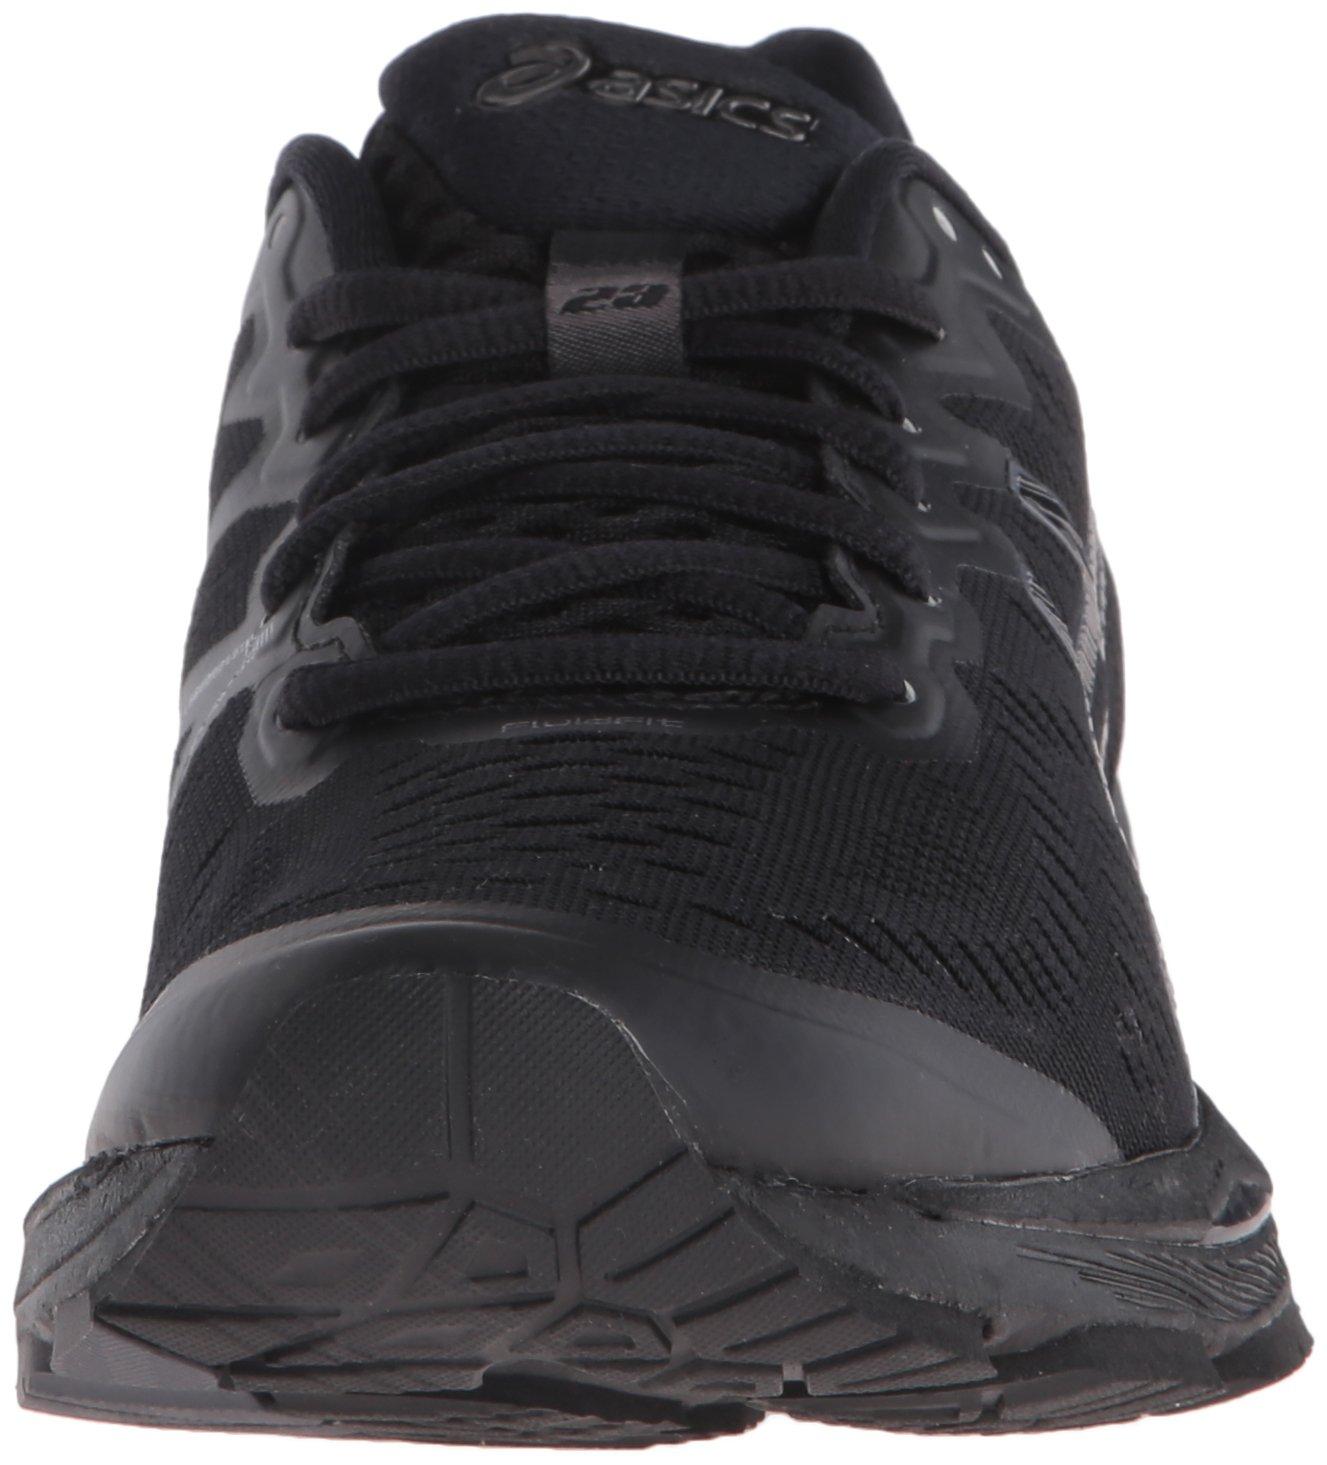 Zapatillas de de courir ASICS Gel para Kayano Negro de 23 para Negro mujer mujer bfc0b81 - trumpfacts.website